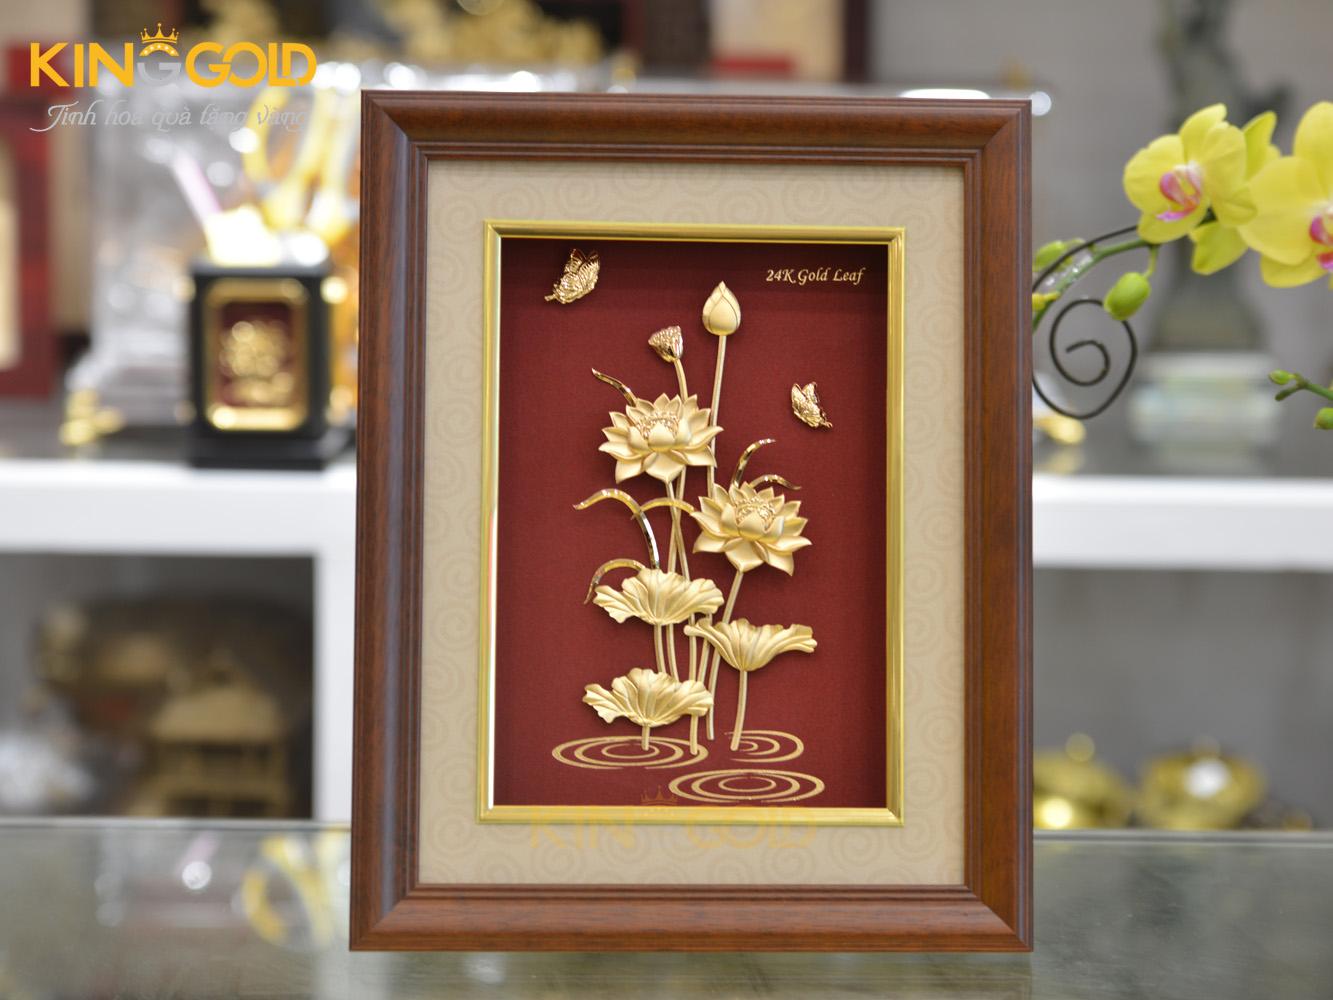 Tranh đầm sen chế tác từ vàng lá 24k 27x34 cm